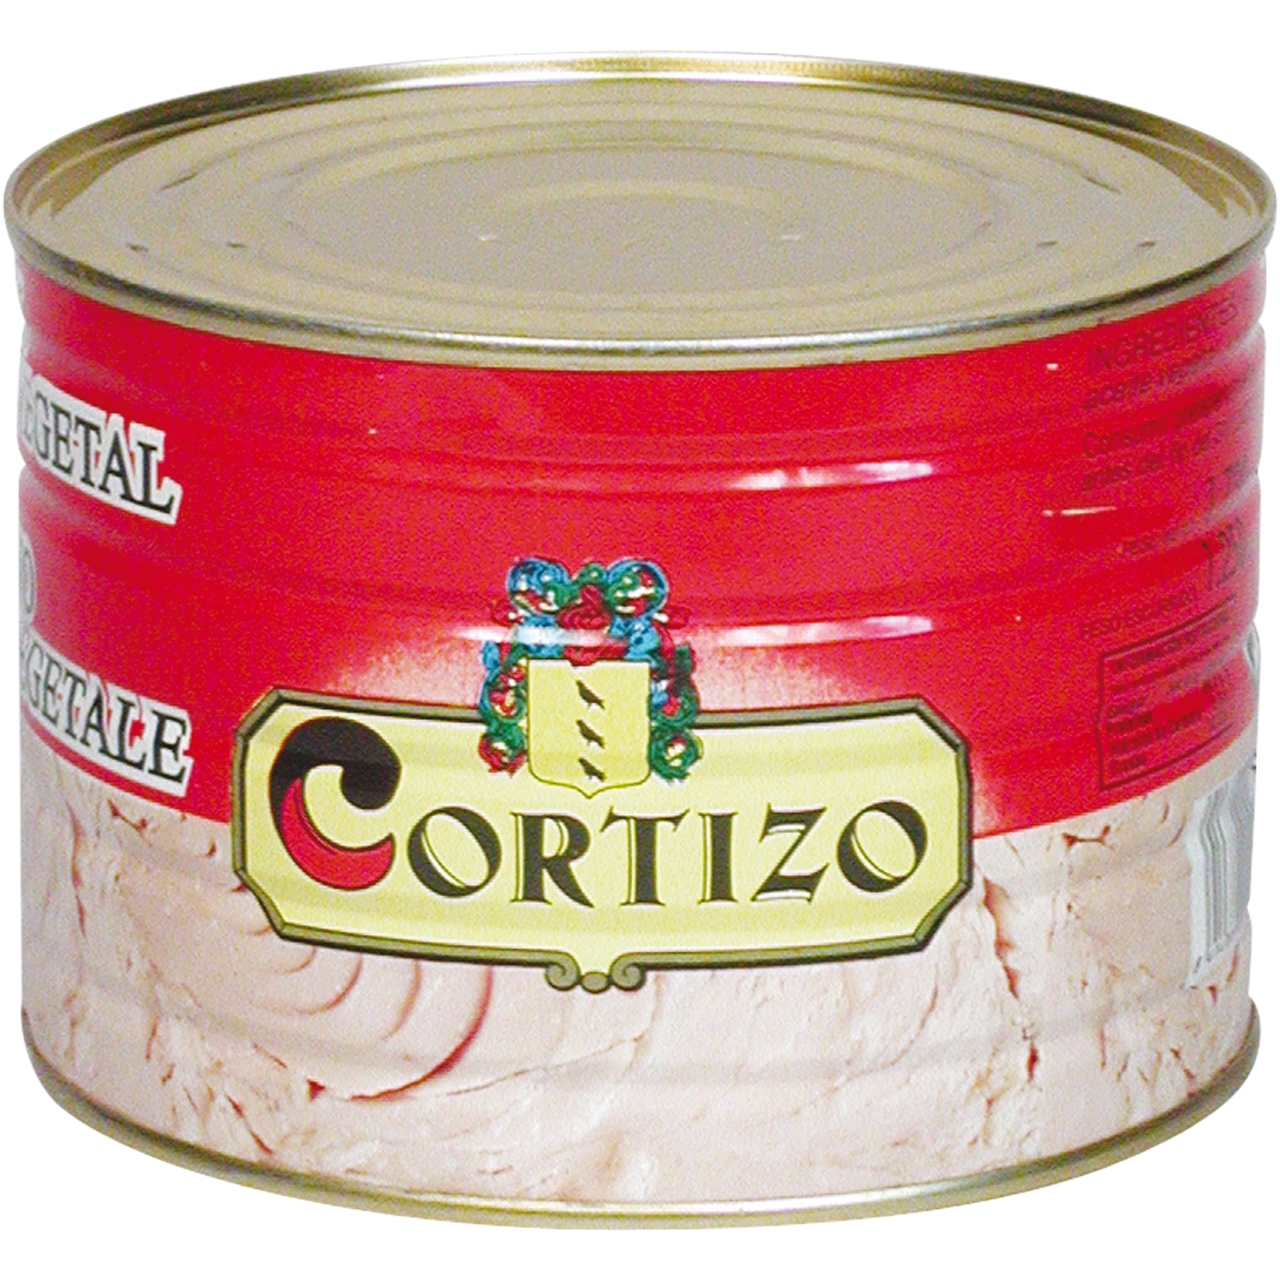 Tonyina ratllada en oli vegetal RO-1730 Cortizo